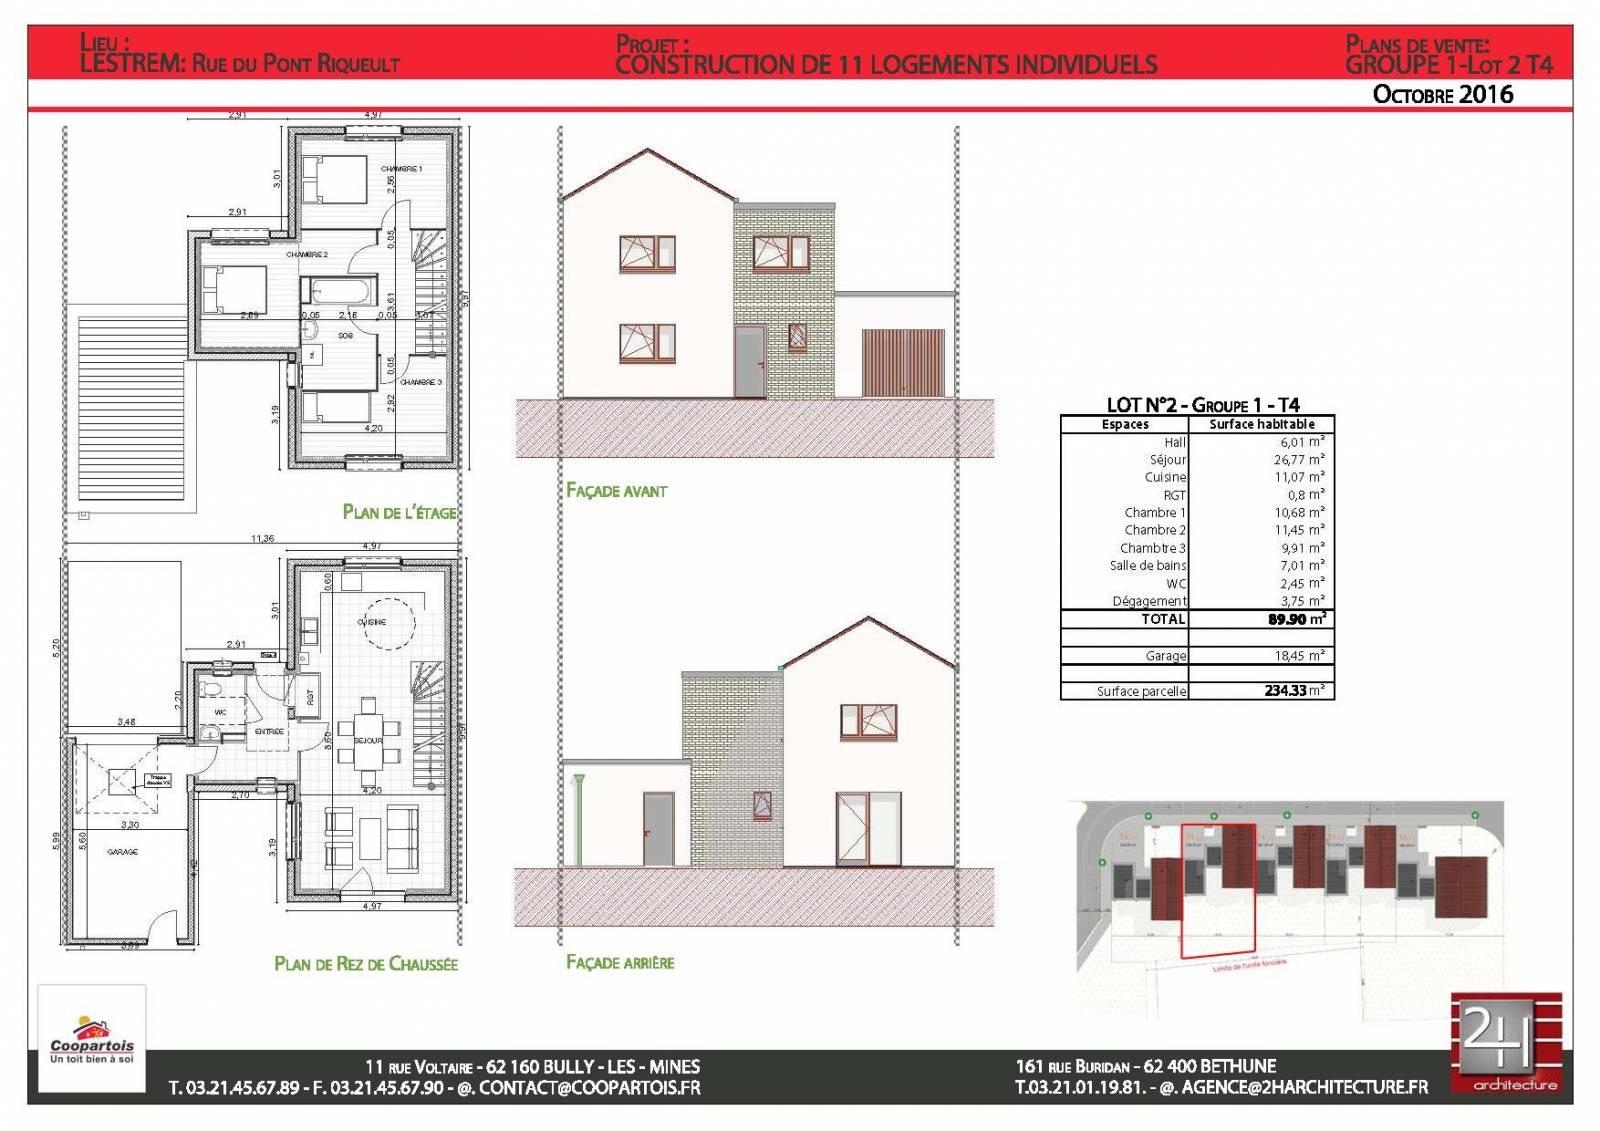 Maison neuve 3 chambres rt 2012 lestrem 62136 n 2 coopartois - Exoneration taxe fonciere maison neuve ...